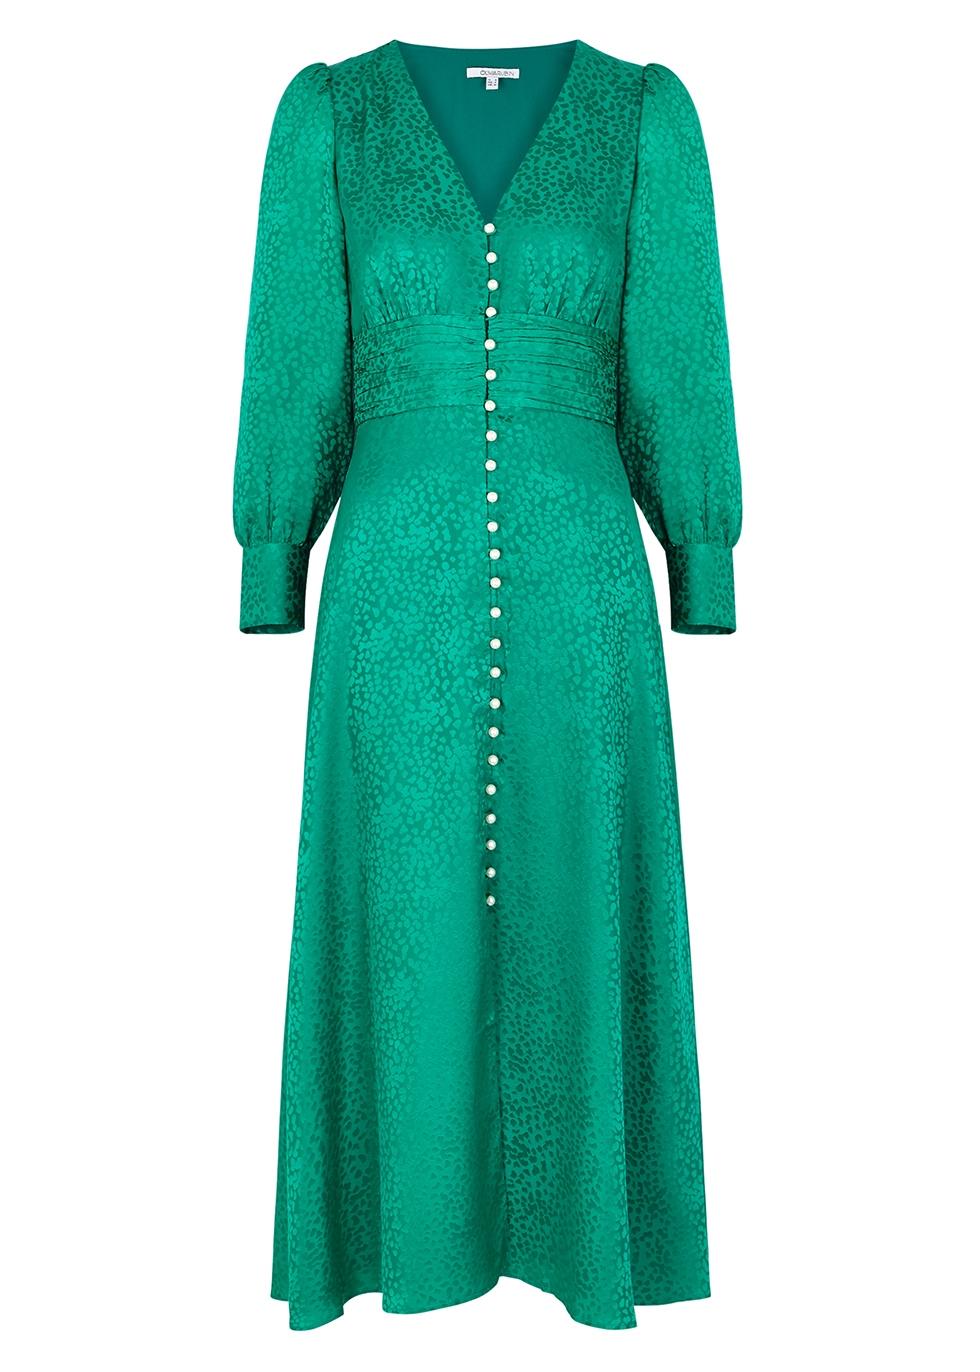 Valentina green jacquard silk midi dress